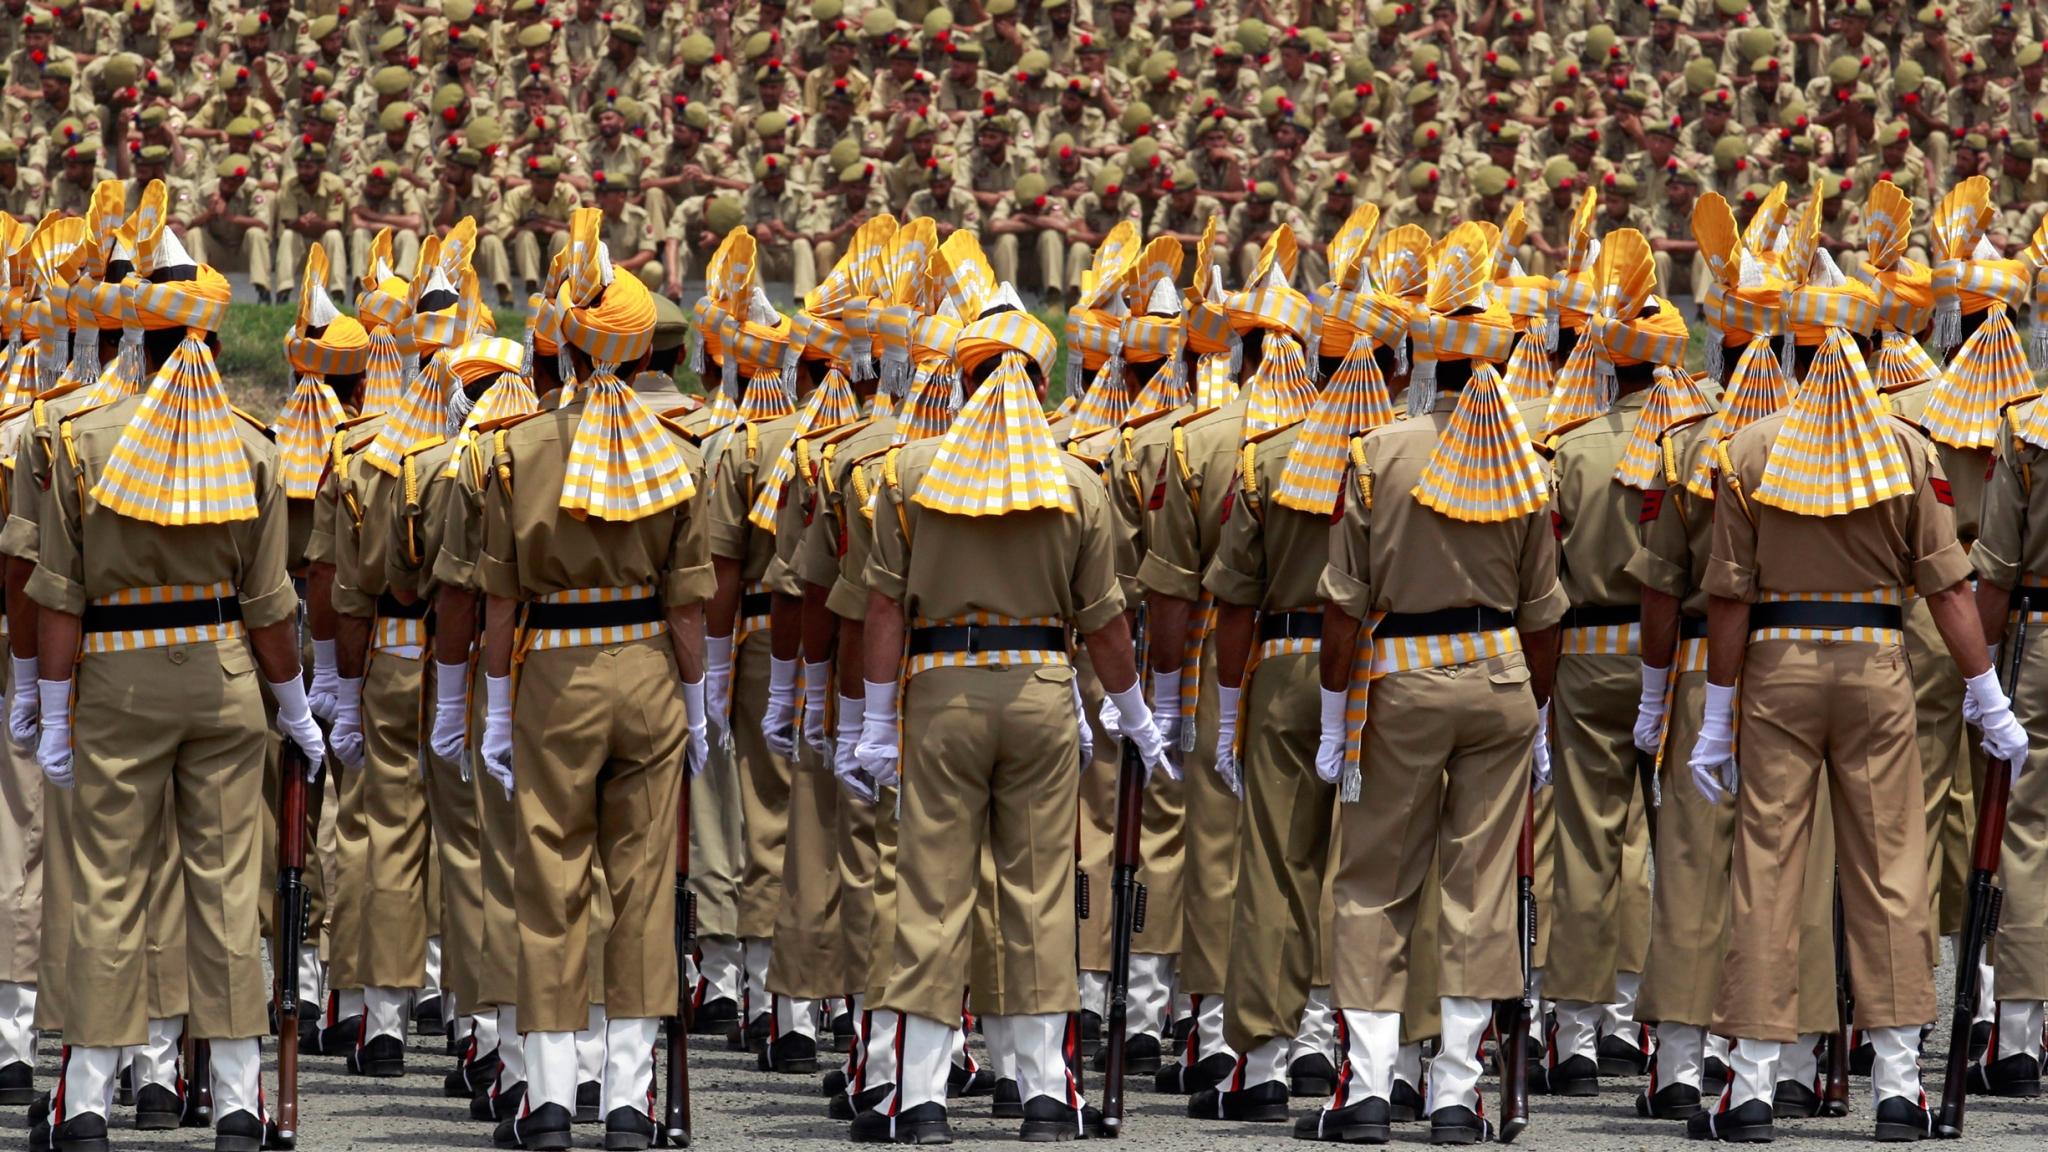 do indian police need overhauled